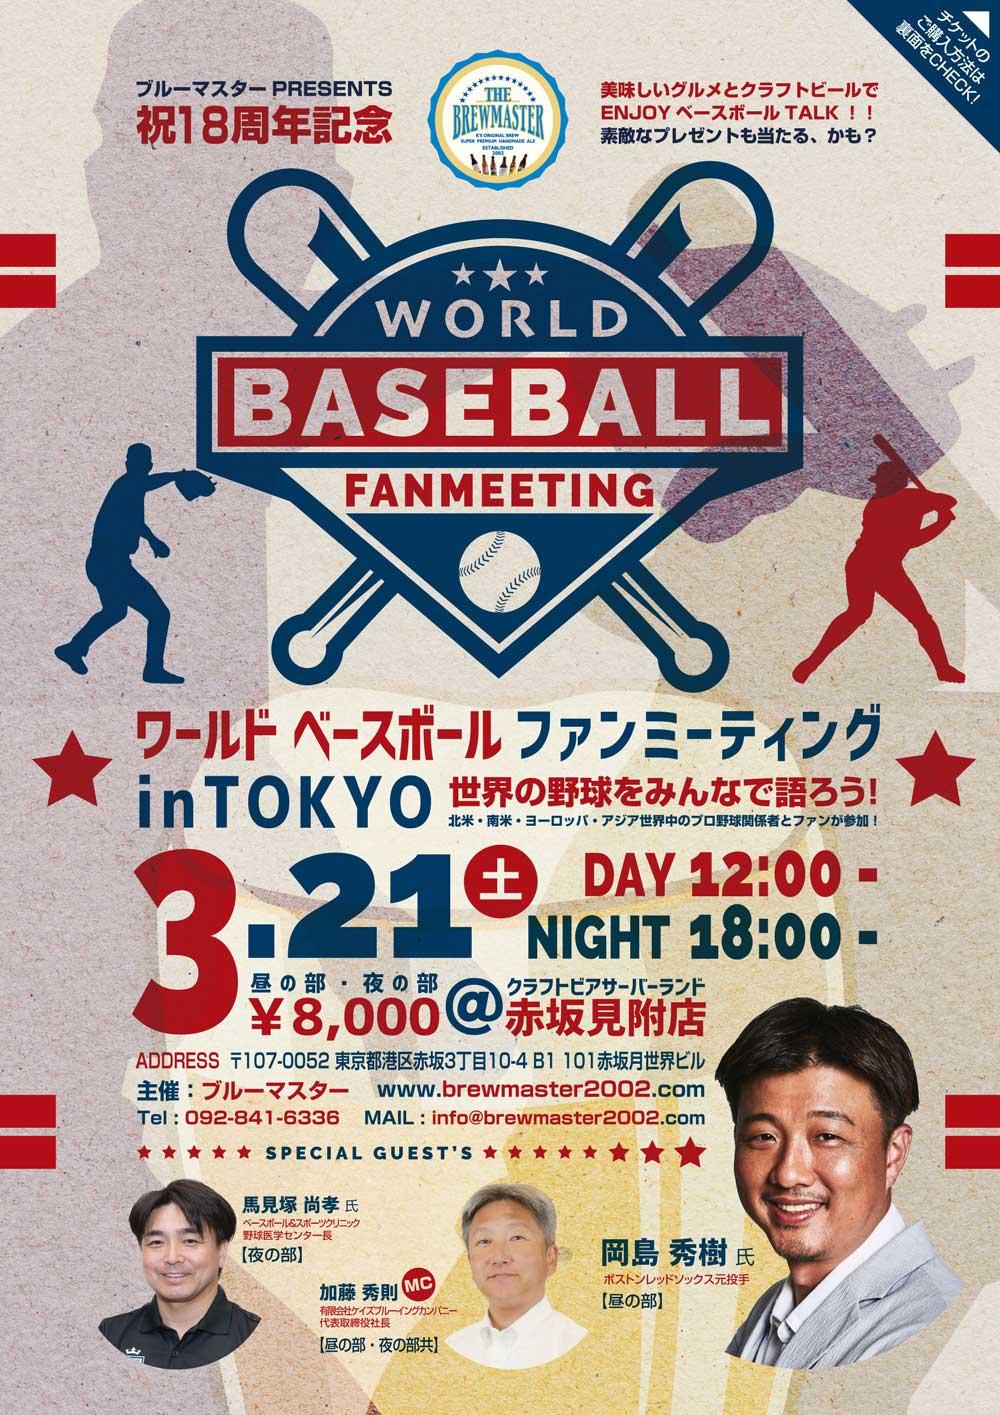 ワールド ベースボール ファンミーティングinTOKYO